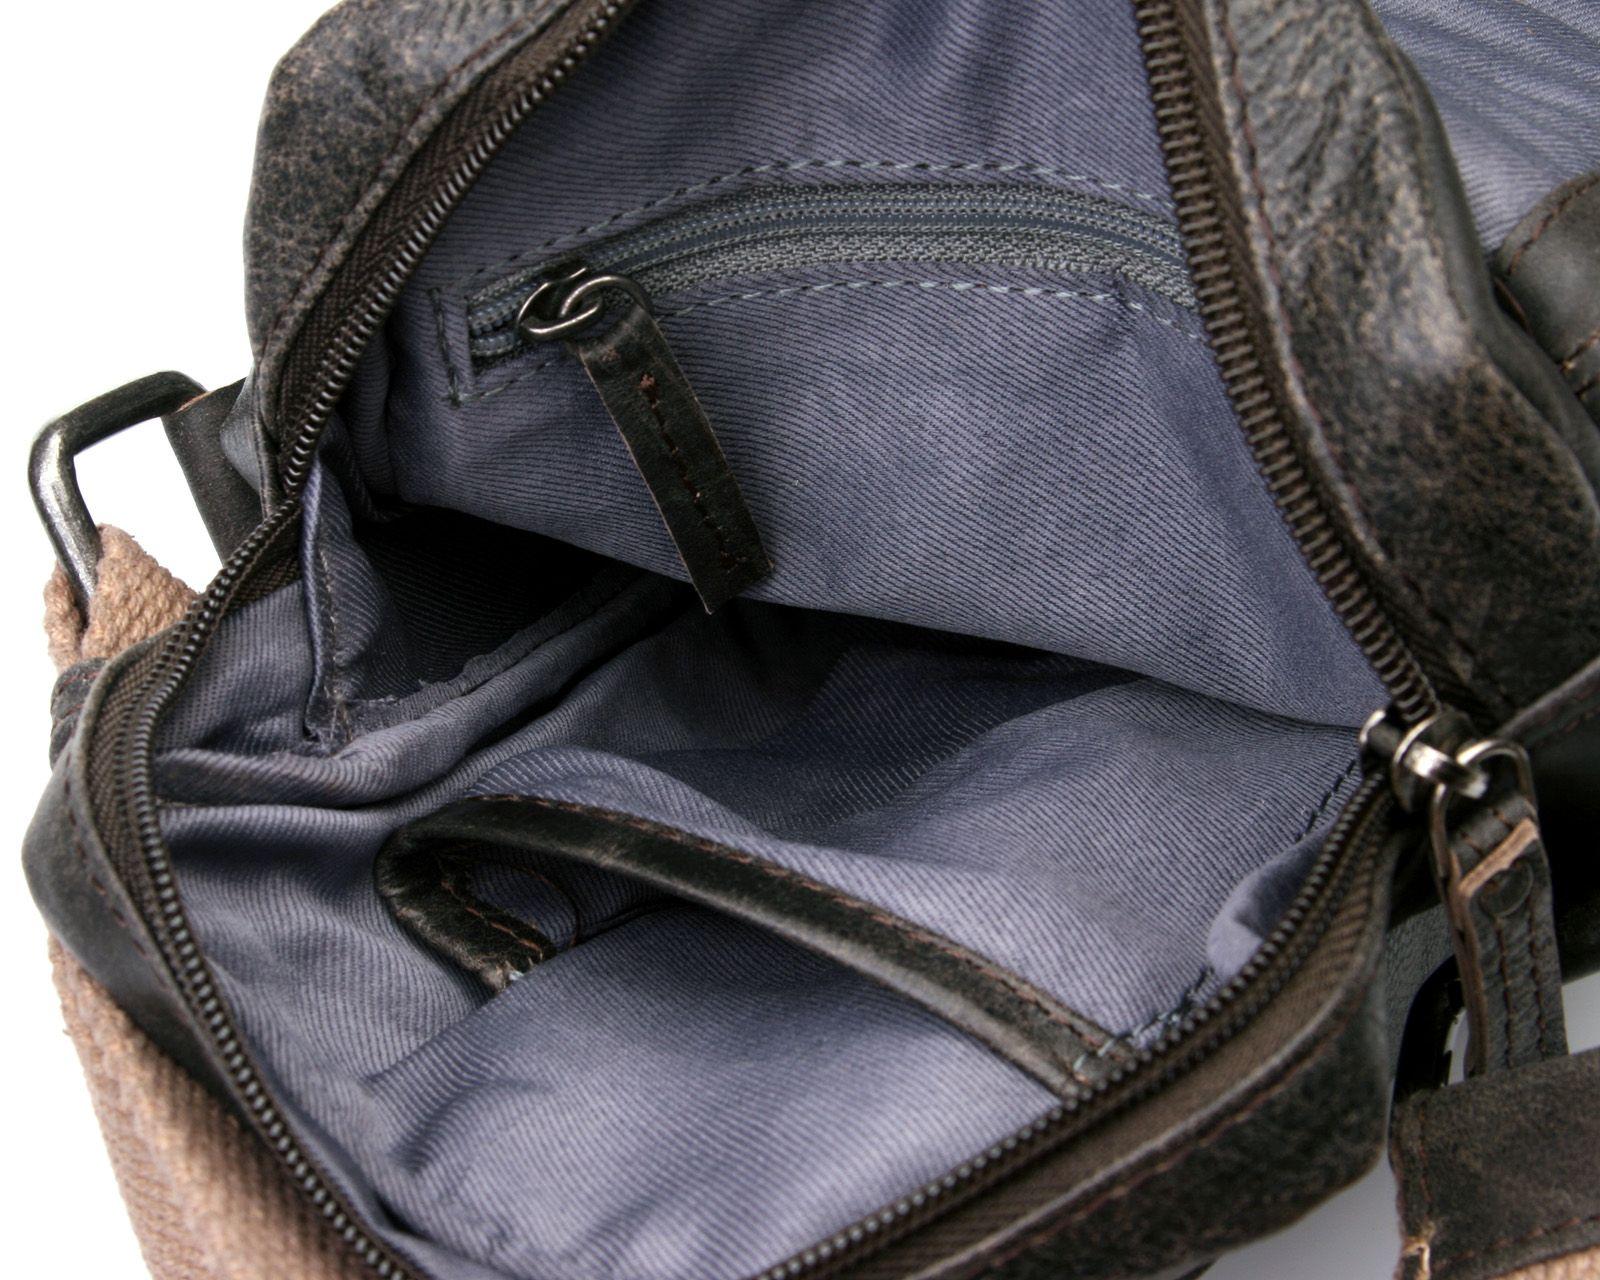 3b8f886b7135 Элитная мужская сумка из натуральной кожи Privata 03400138-01: цена ...